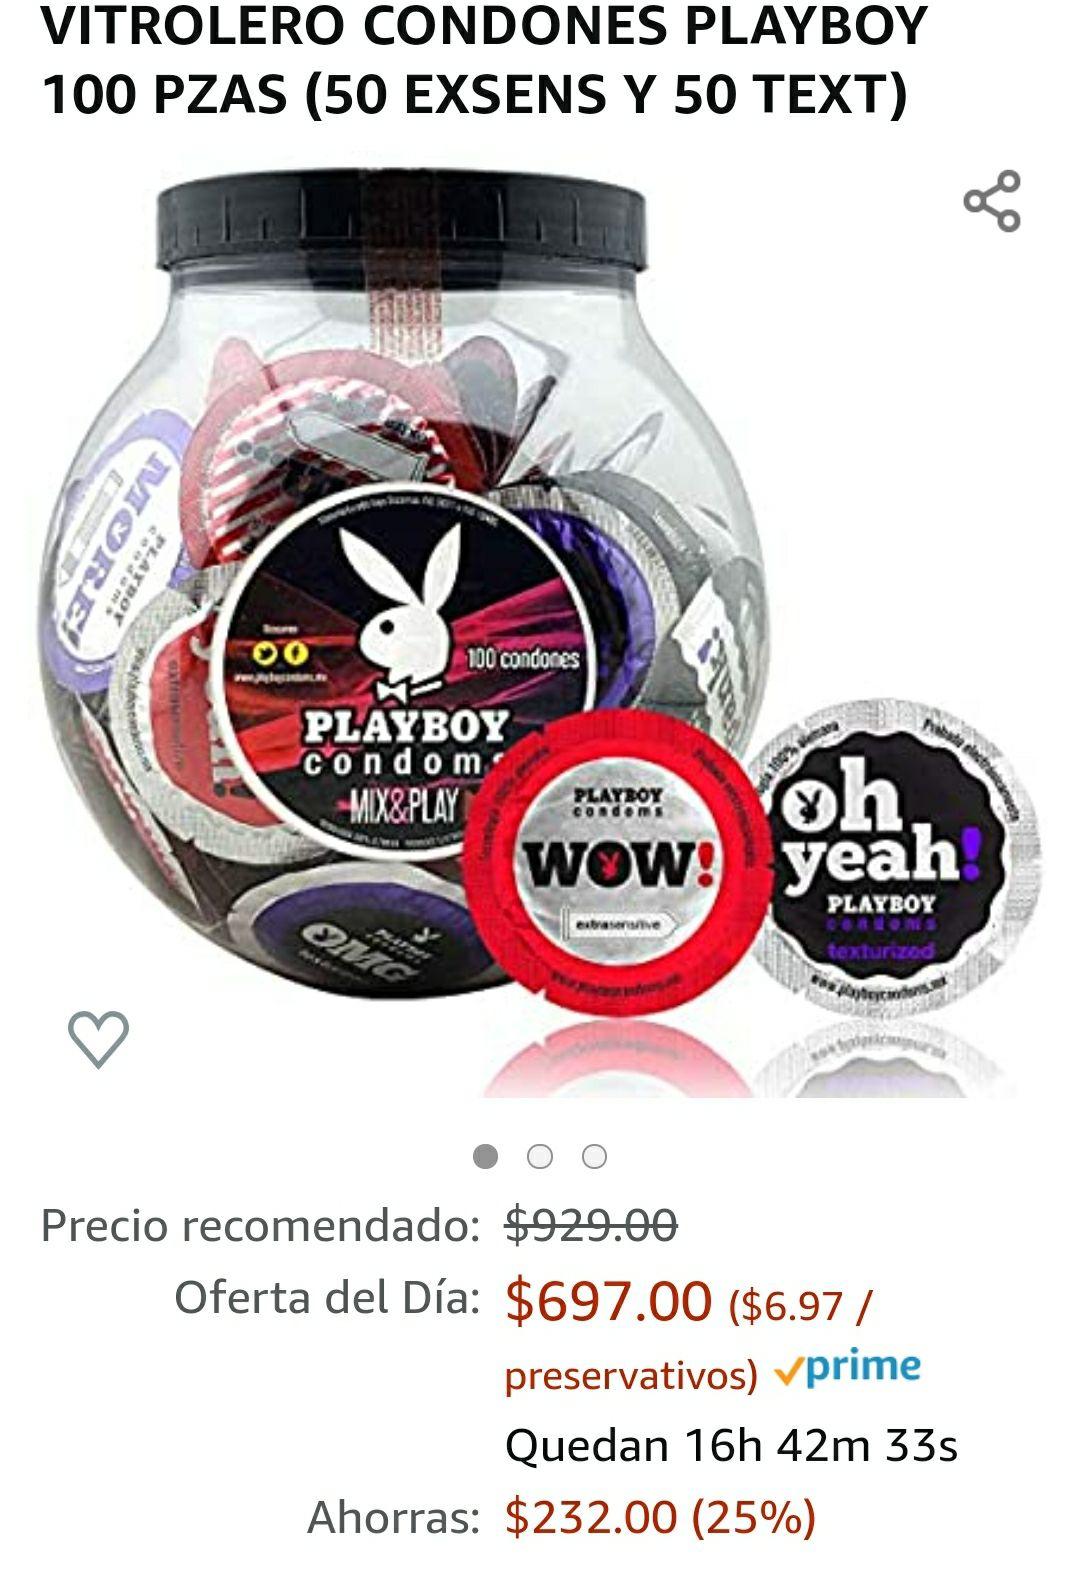 Amazon - 100 condones Playboy | Envío gratis con Prime